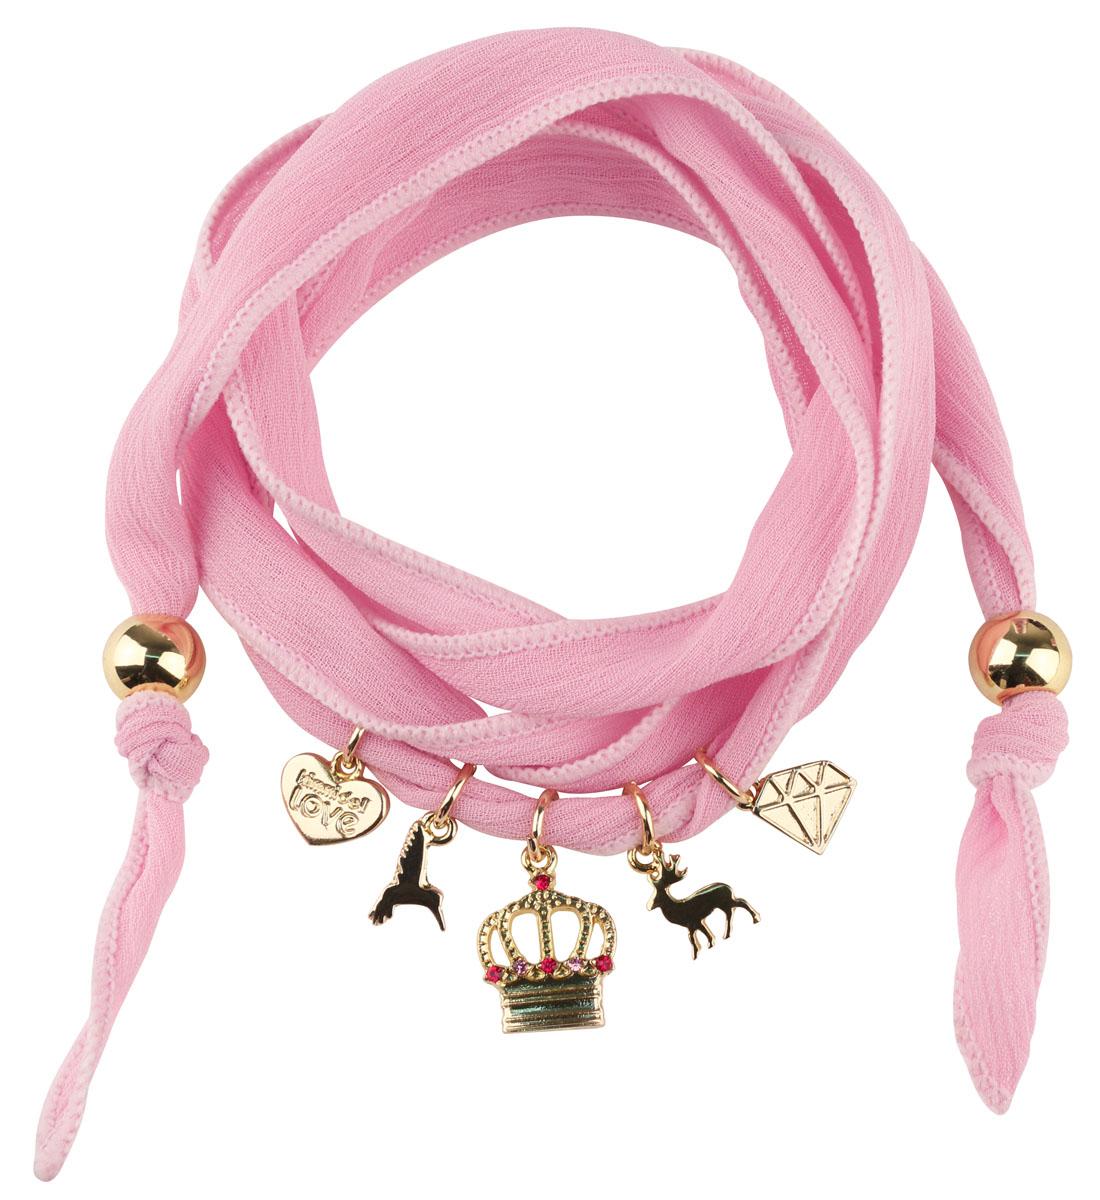 Женский браслет Kimmidoll Примроуз (Величие и богатство)Браслет с подвескамиОчаровательный браслет, выполненный из шифона, оформлен подвесками в виде сердца, короны, кристалла и оленя. Концы браслета оформлены бусинами. Изделие упаковано в подарочную коробку.Такой браслет прекрасно подойдет к вашему образу. Его можно повязать не только на руку, но и на шею или даже на любимую сумочку.Привет, меня зовут Примроуз! Я талисман богатства и величия. Скромность никогда не была частью вашей жизни! Возможно, приходится притворяться, но когда вы начинаете танцевать - можно держать пари, ваша шаловливая натура не заставит себя долго ждать!